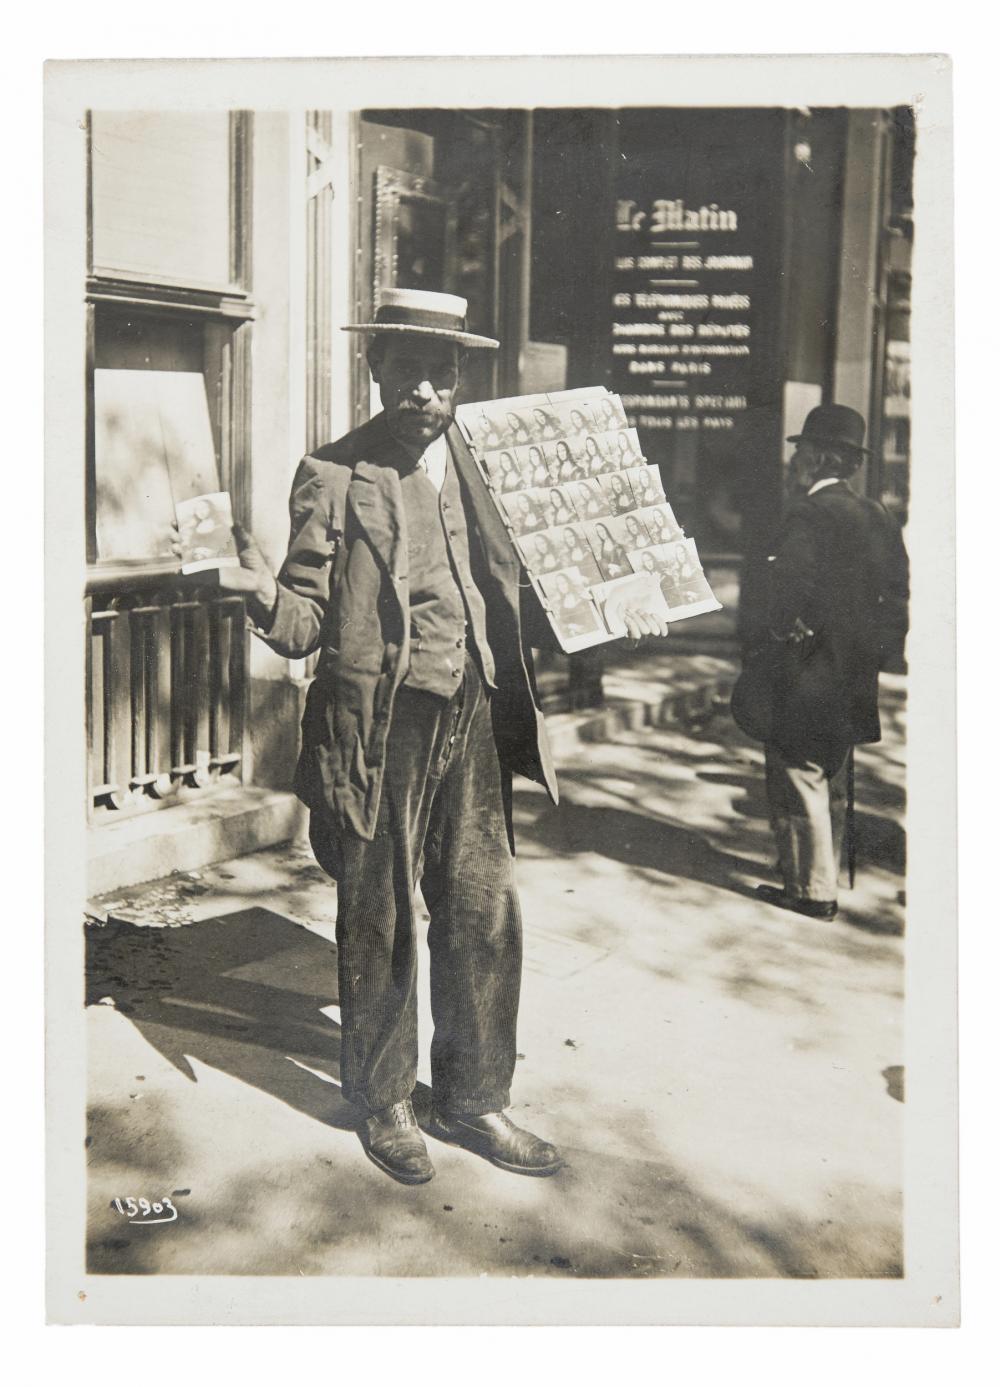 Postkarten-Verkäufer in Paris, 1911.